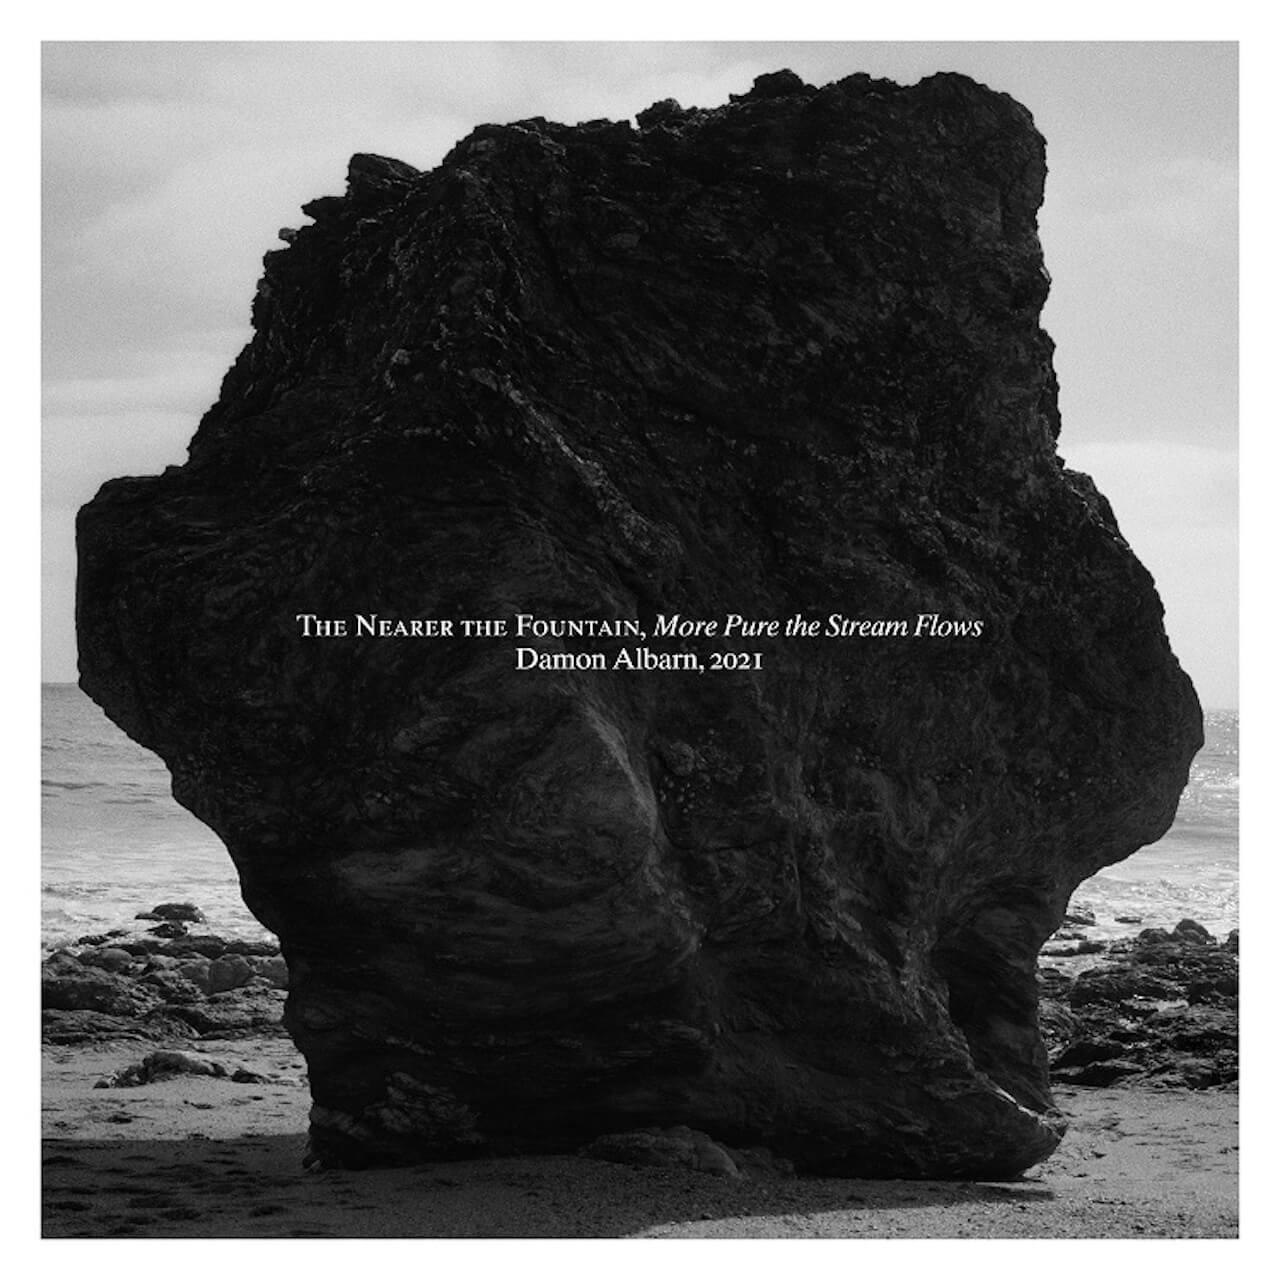 デーモン・アルバーン、7年半ぶりとなるソロアルバムが11月にリリース music210622-demon-albarn-1